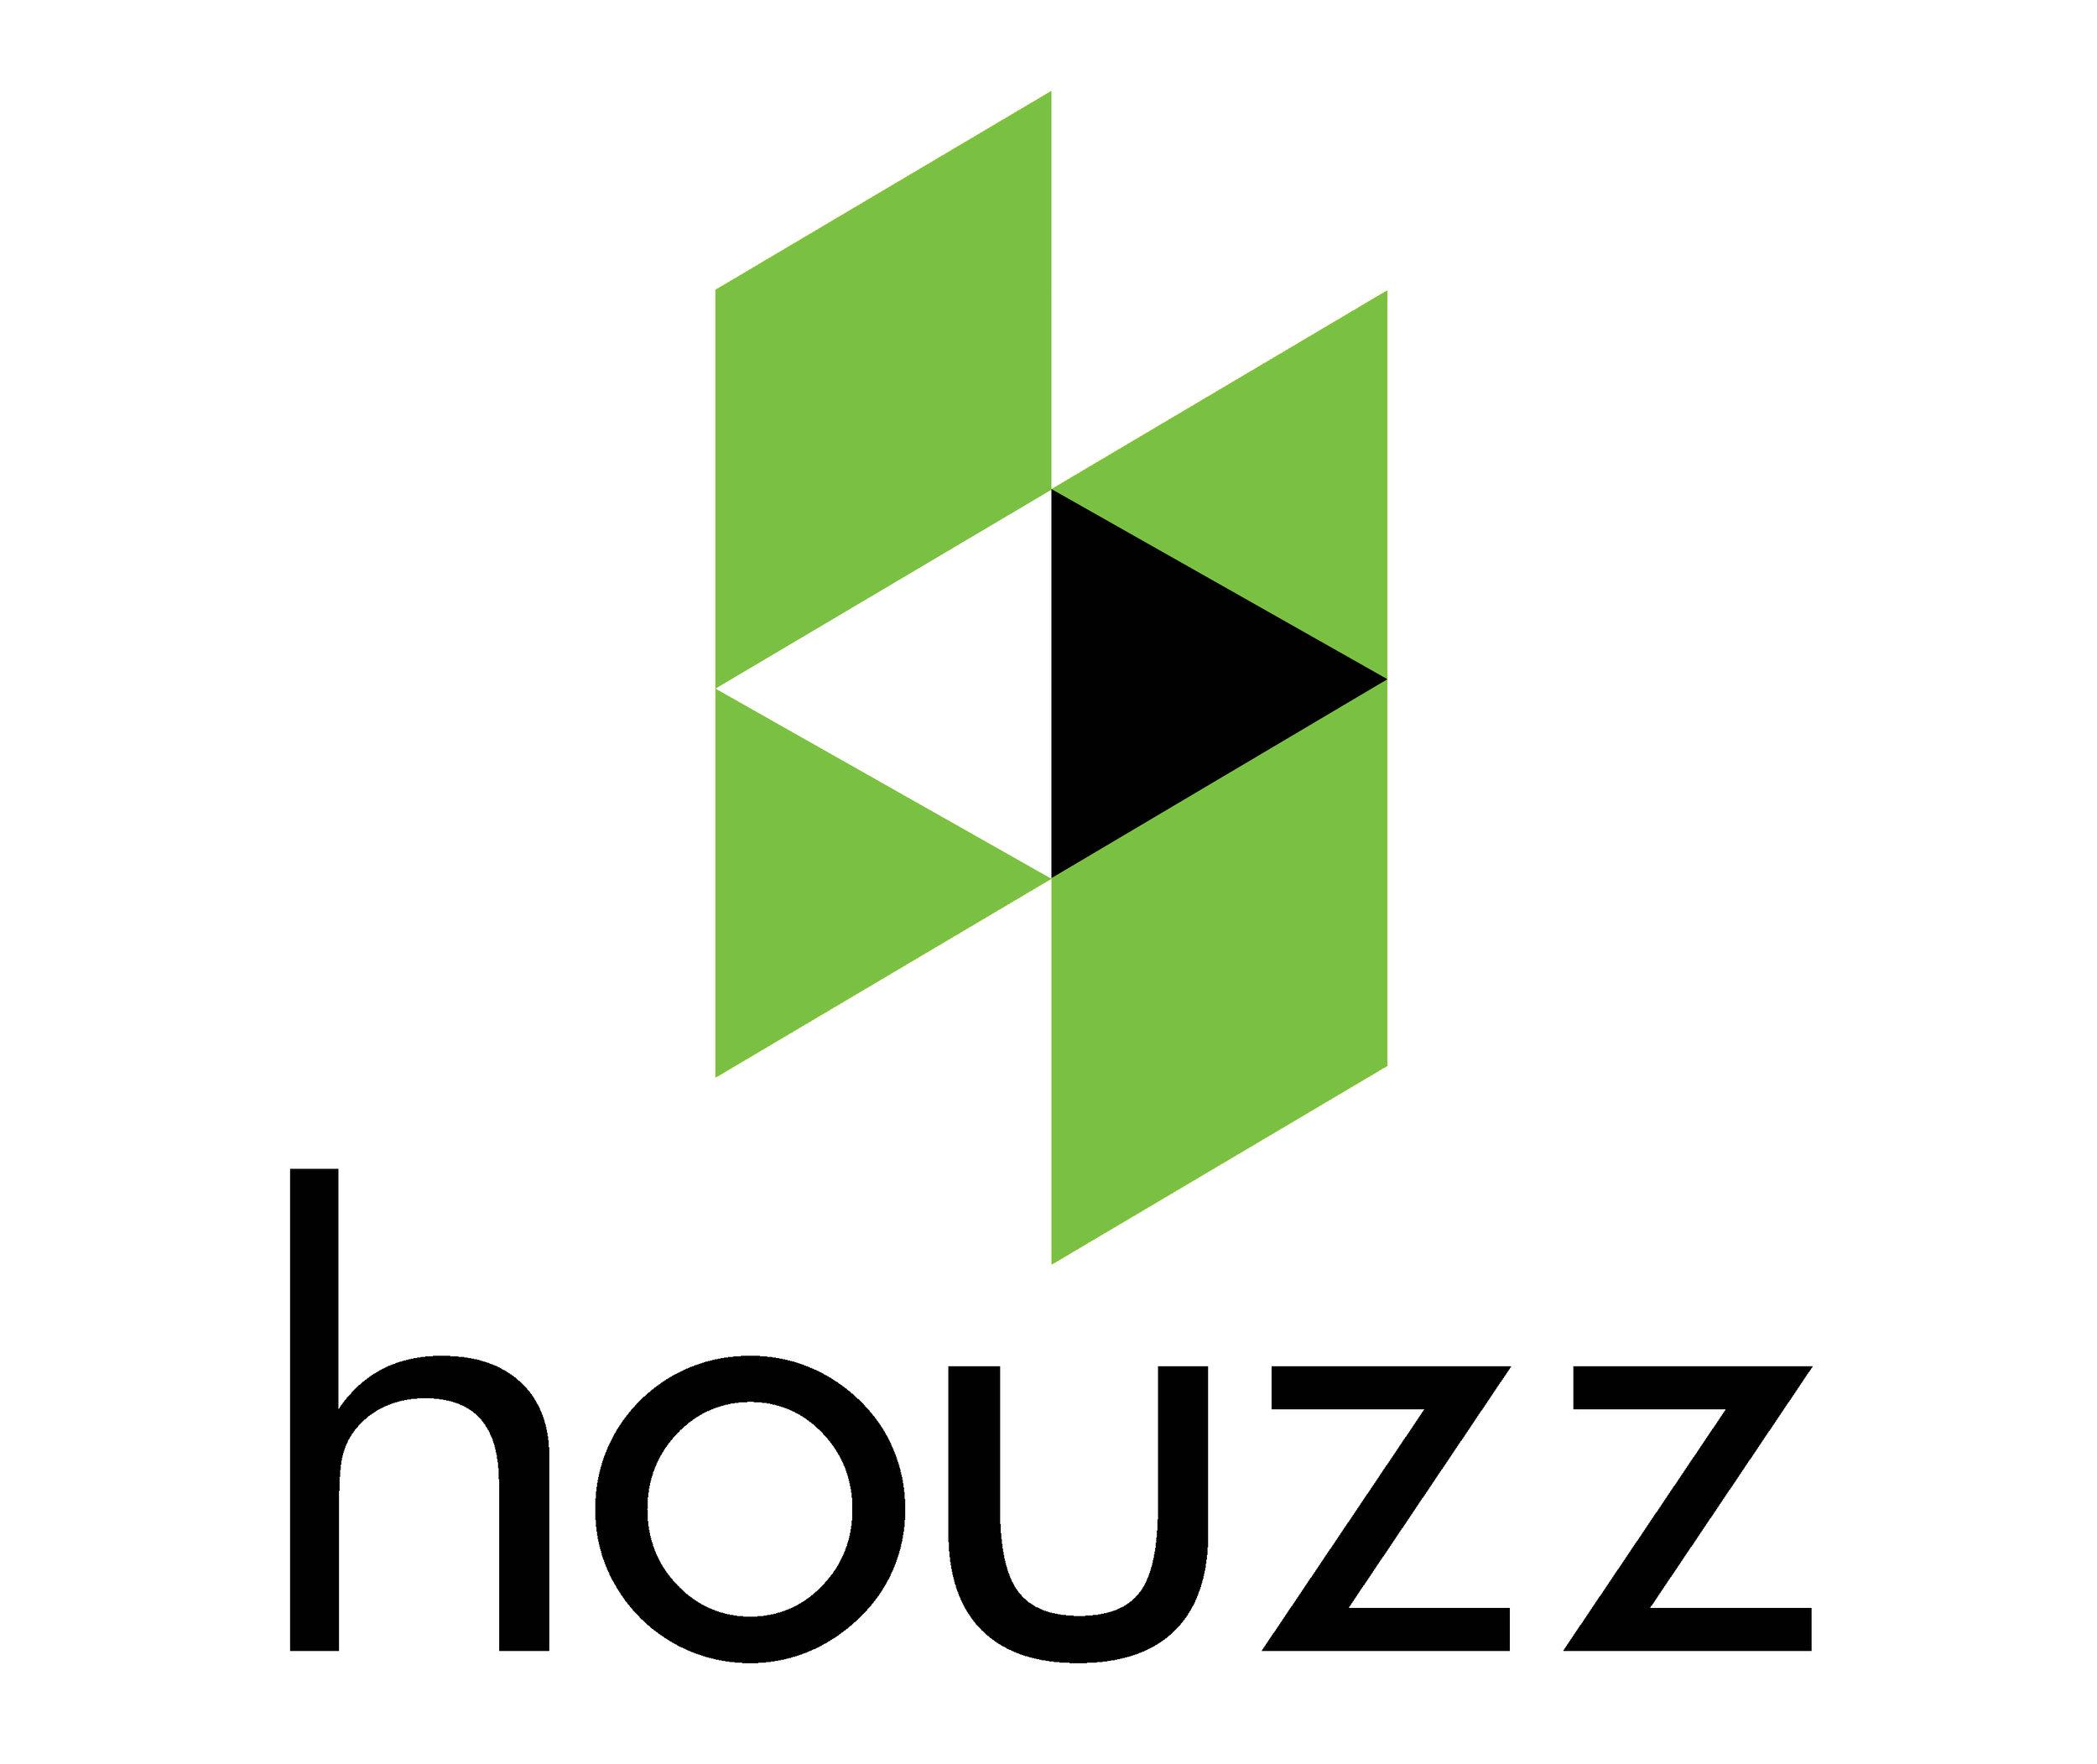 Houzz-Logo.jpg